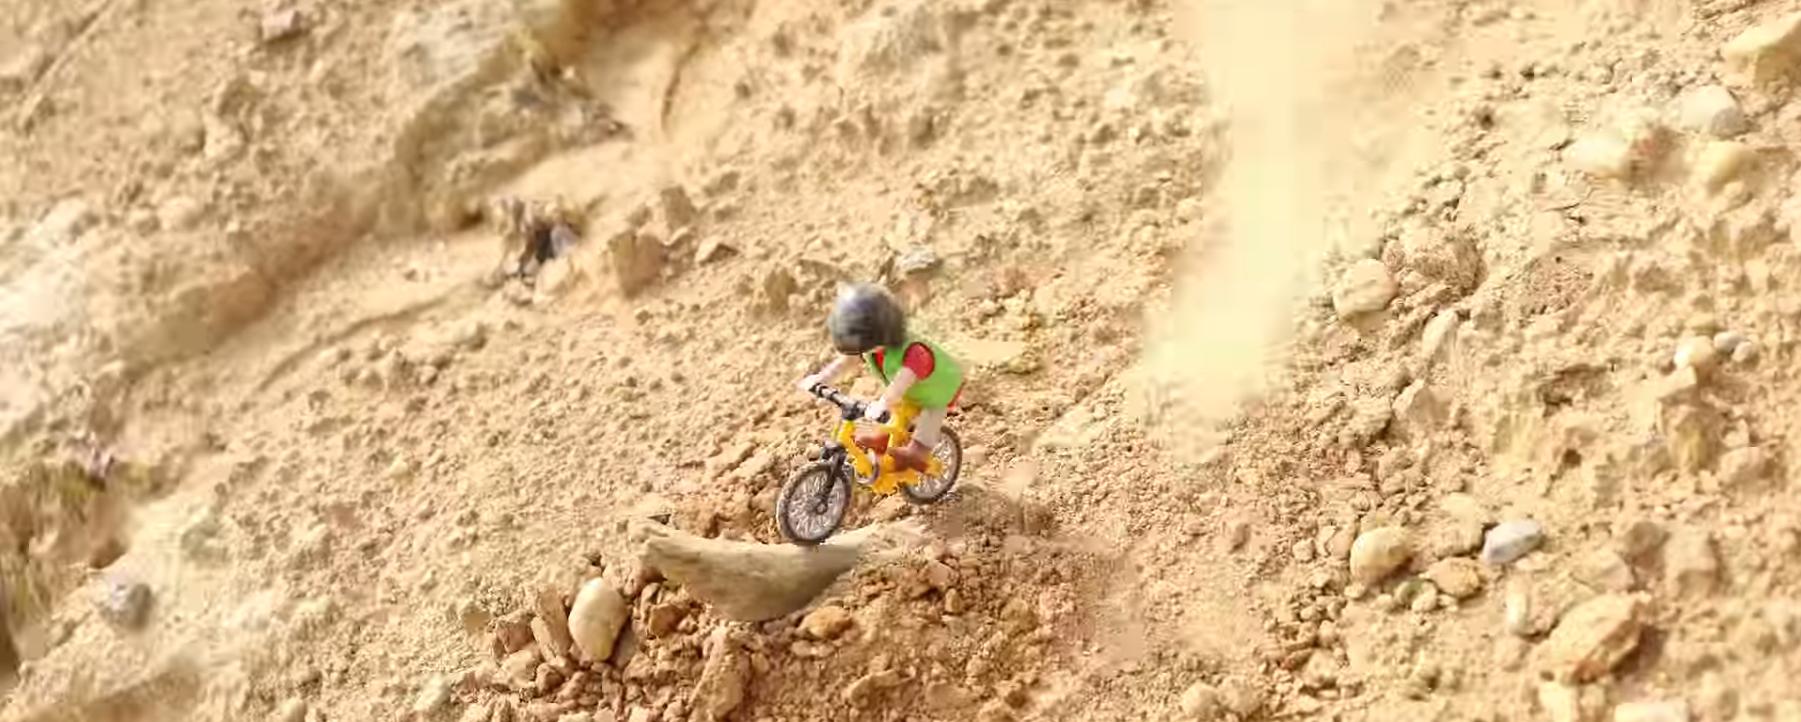 LE RETOUR DES Playmobil MTB EXTREME